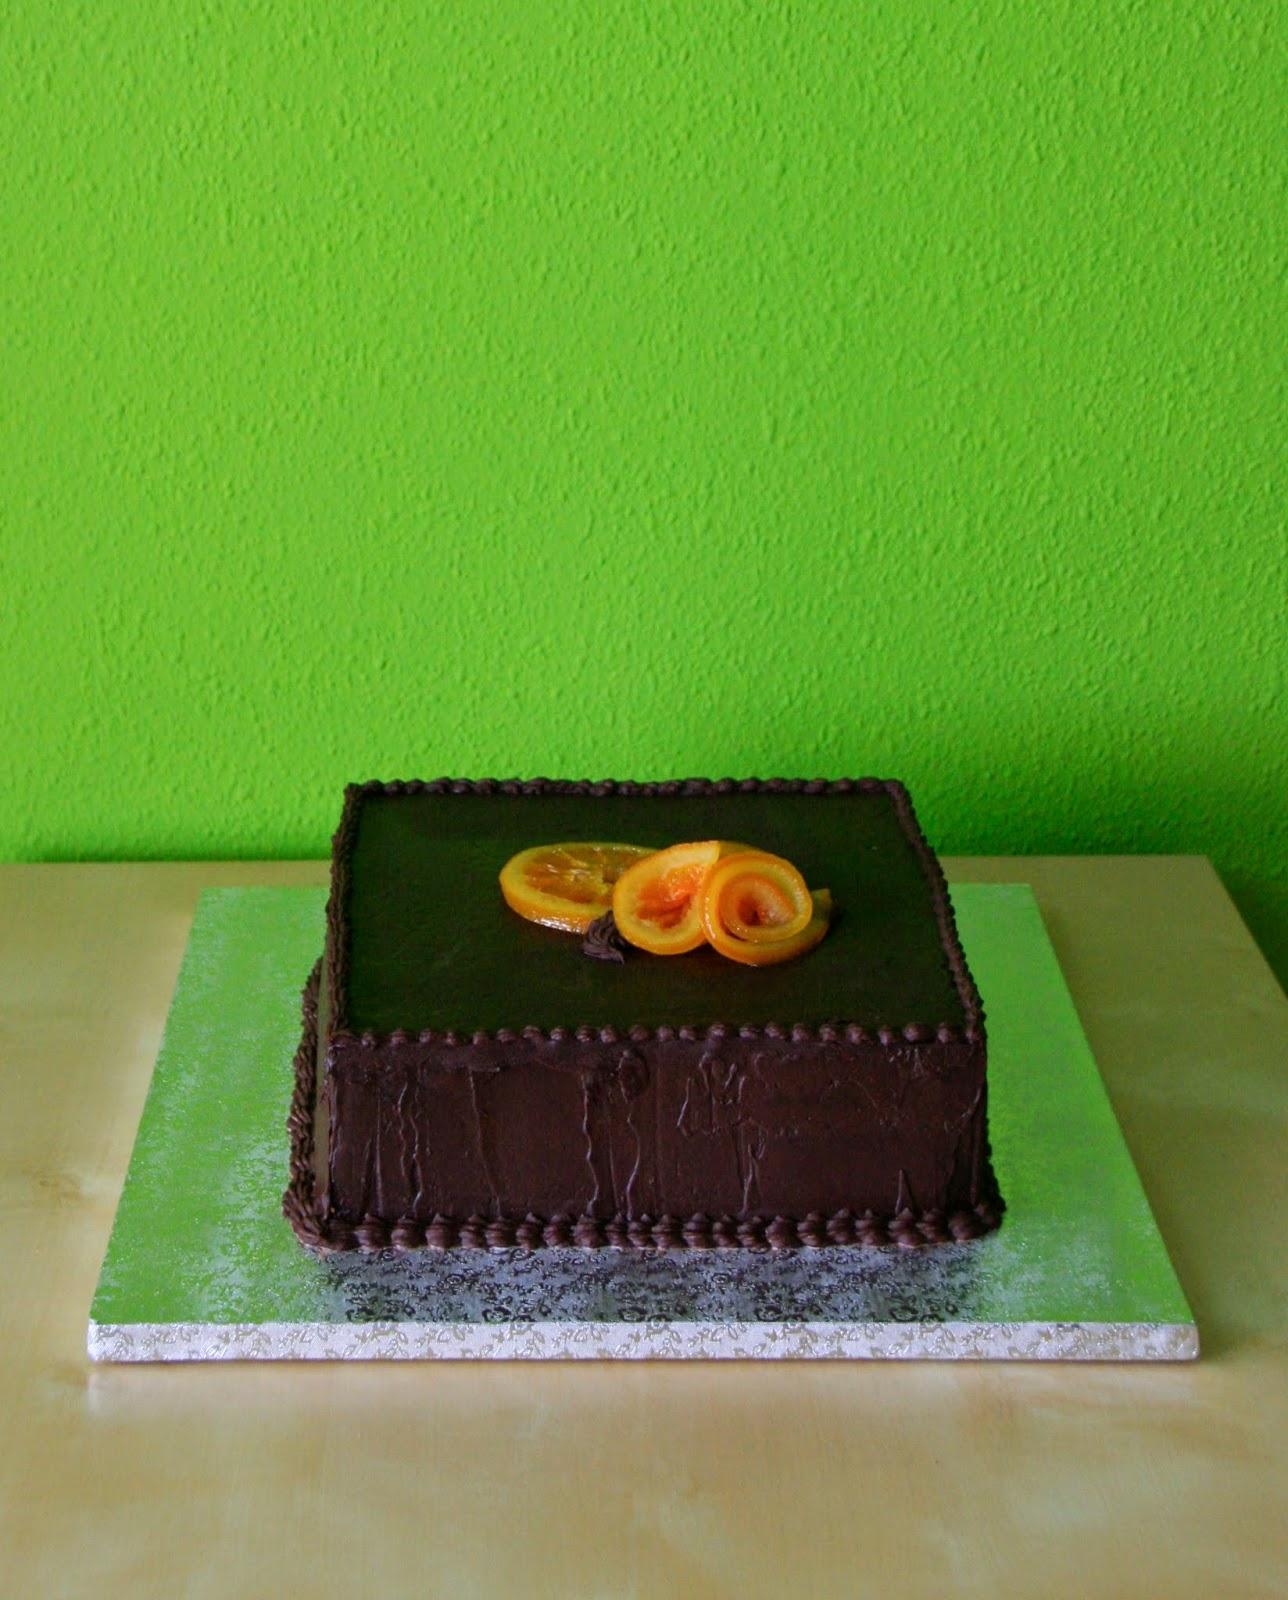 Tarta de xocolatai taronja amb recepta de taronges confitades